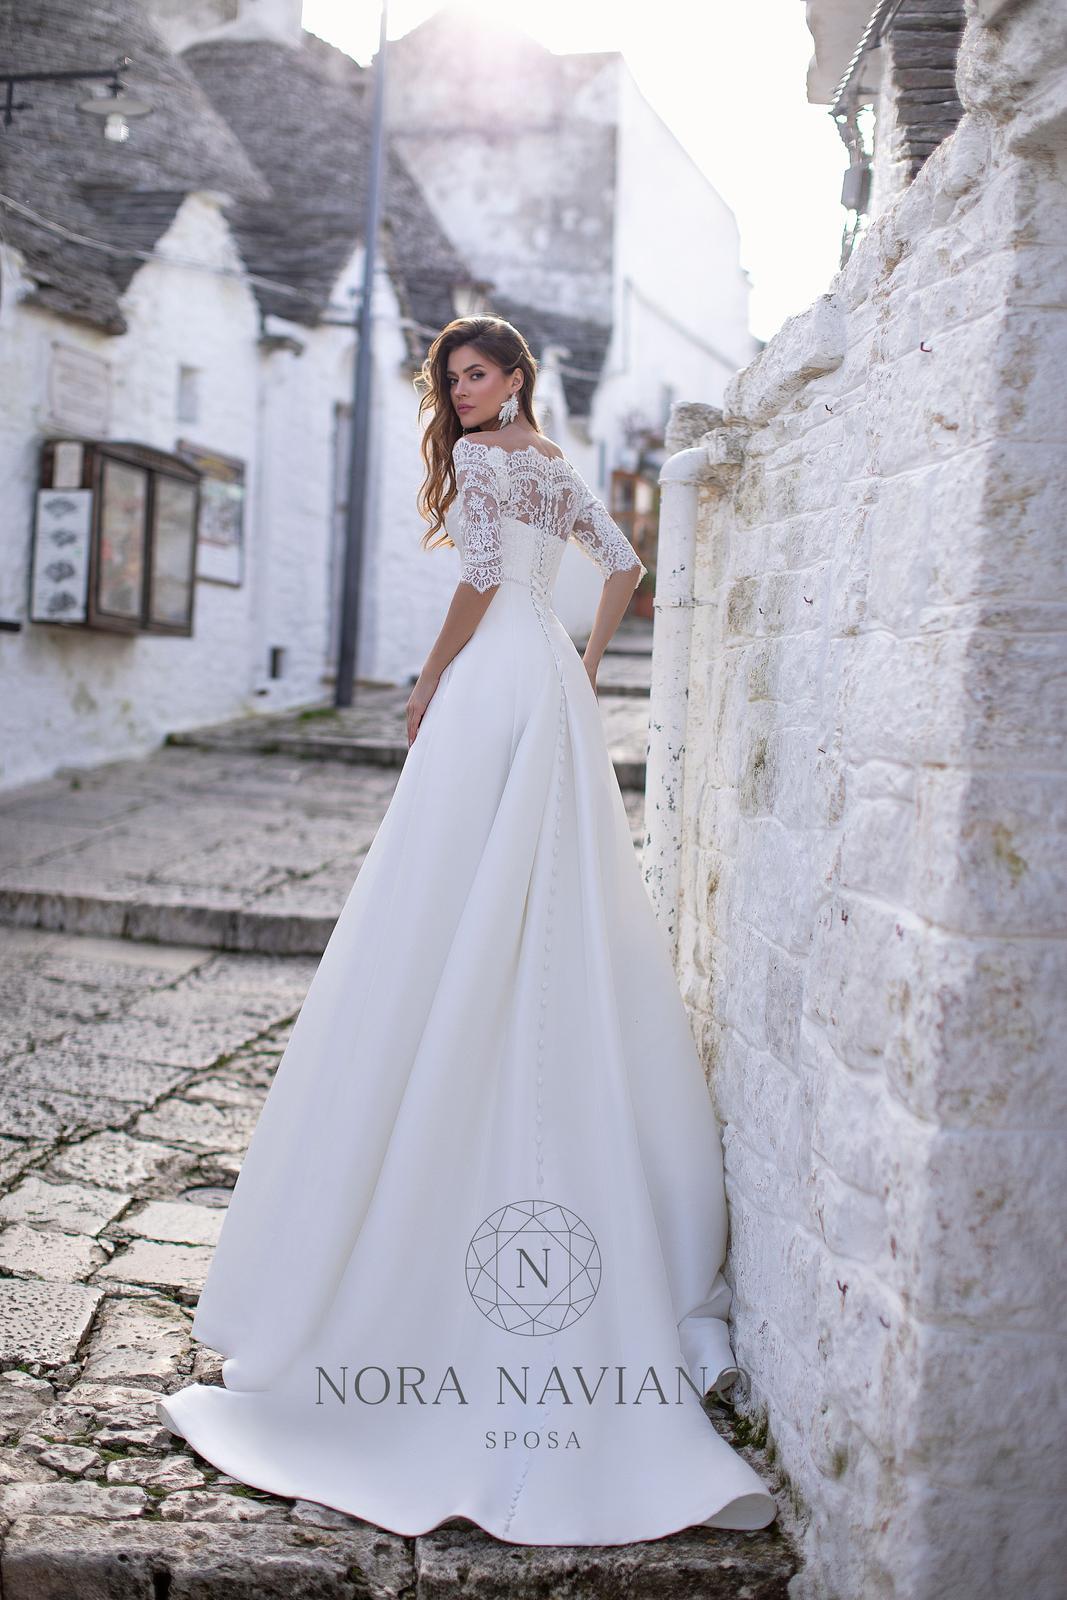 Svadobné šaty Nora Naviano 2020 - Obrázok č. 1